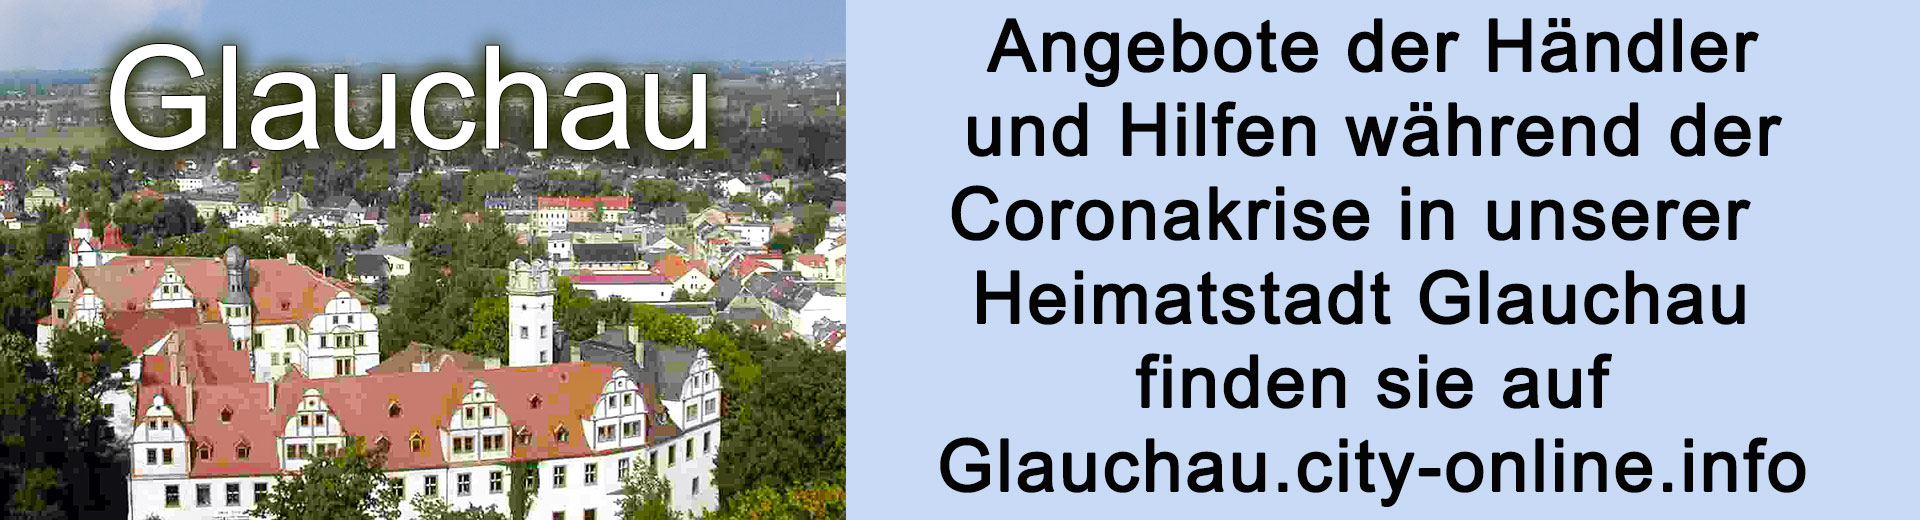 Händlerübersicht in Glauchau